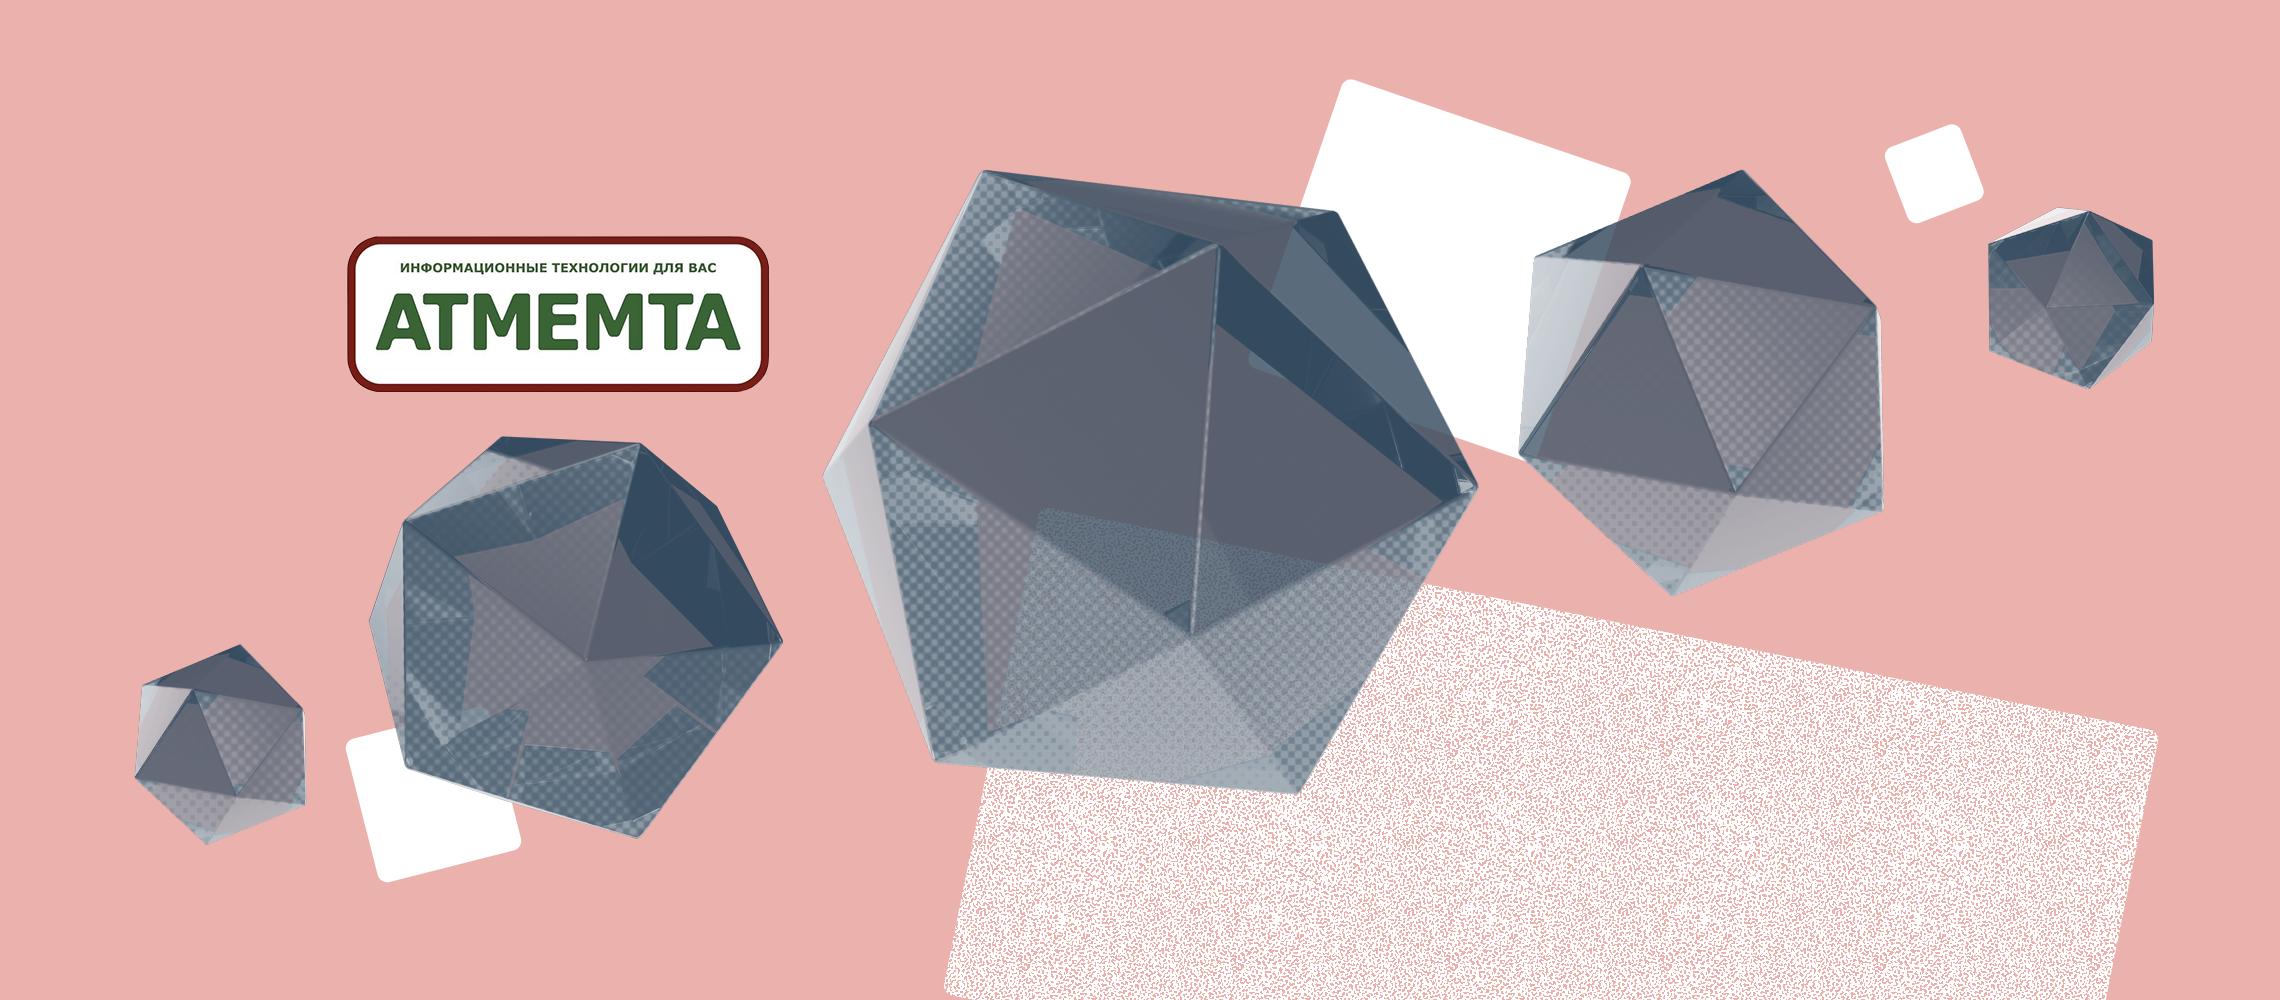 Снизить стоимость владения IT-активами. Почему IT-компания АТМЕМТА открыла хостинг с VMmanager